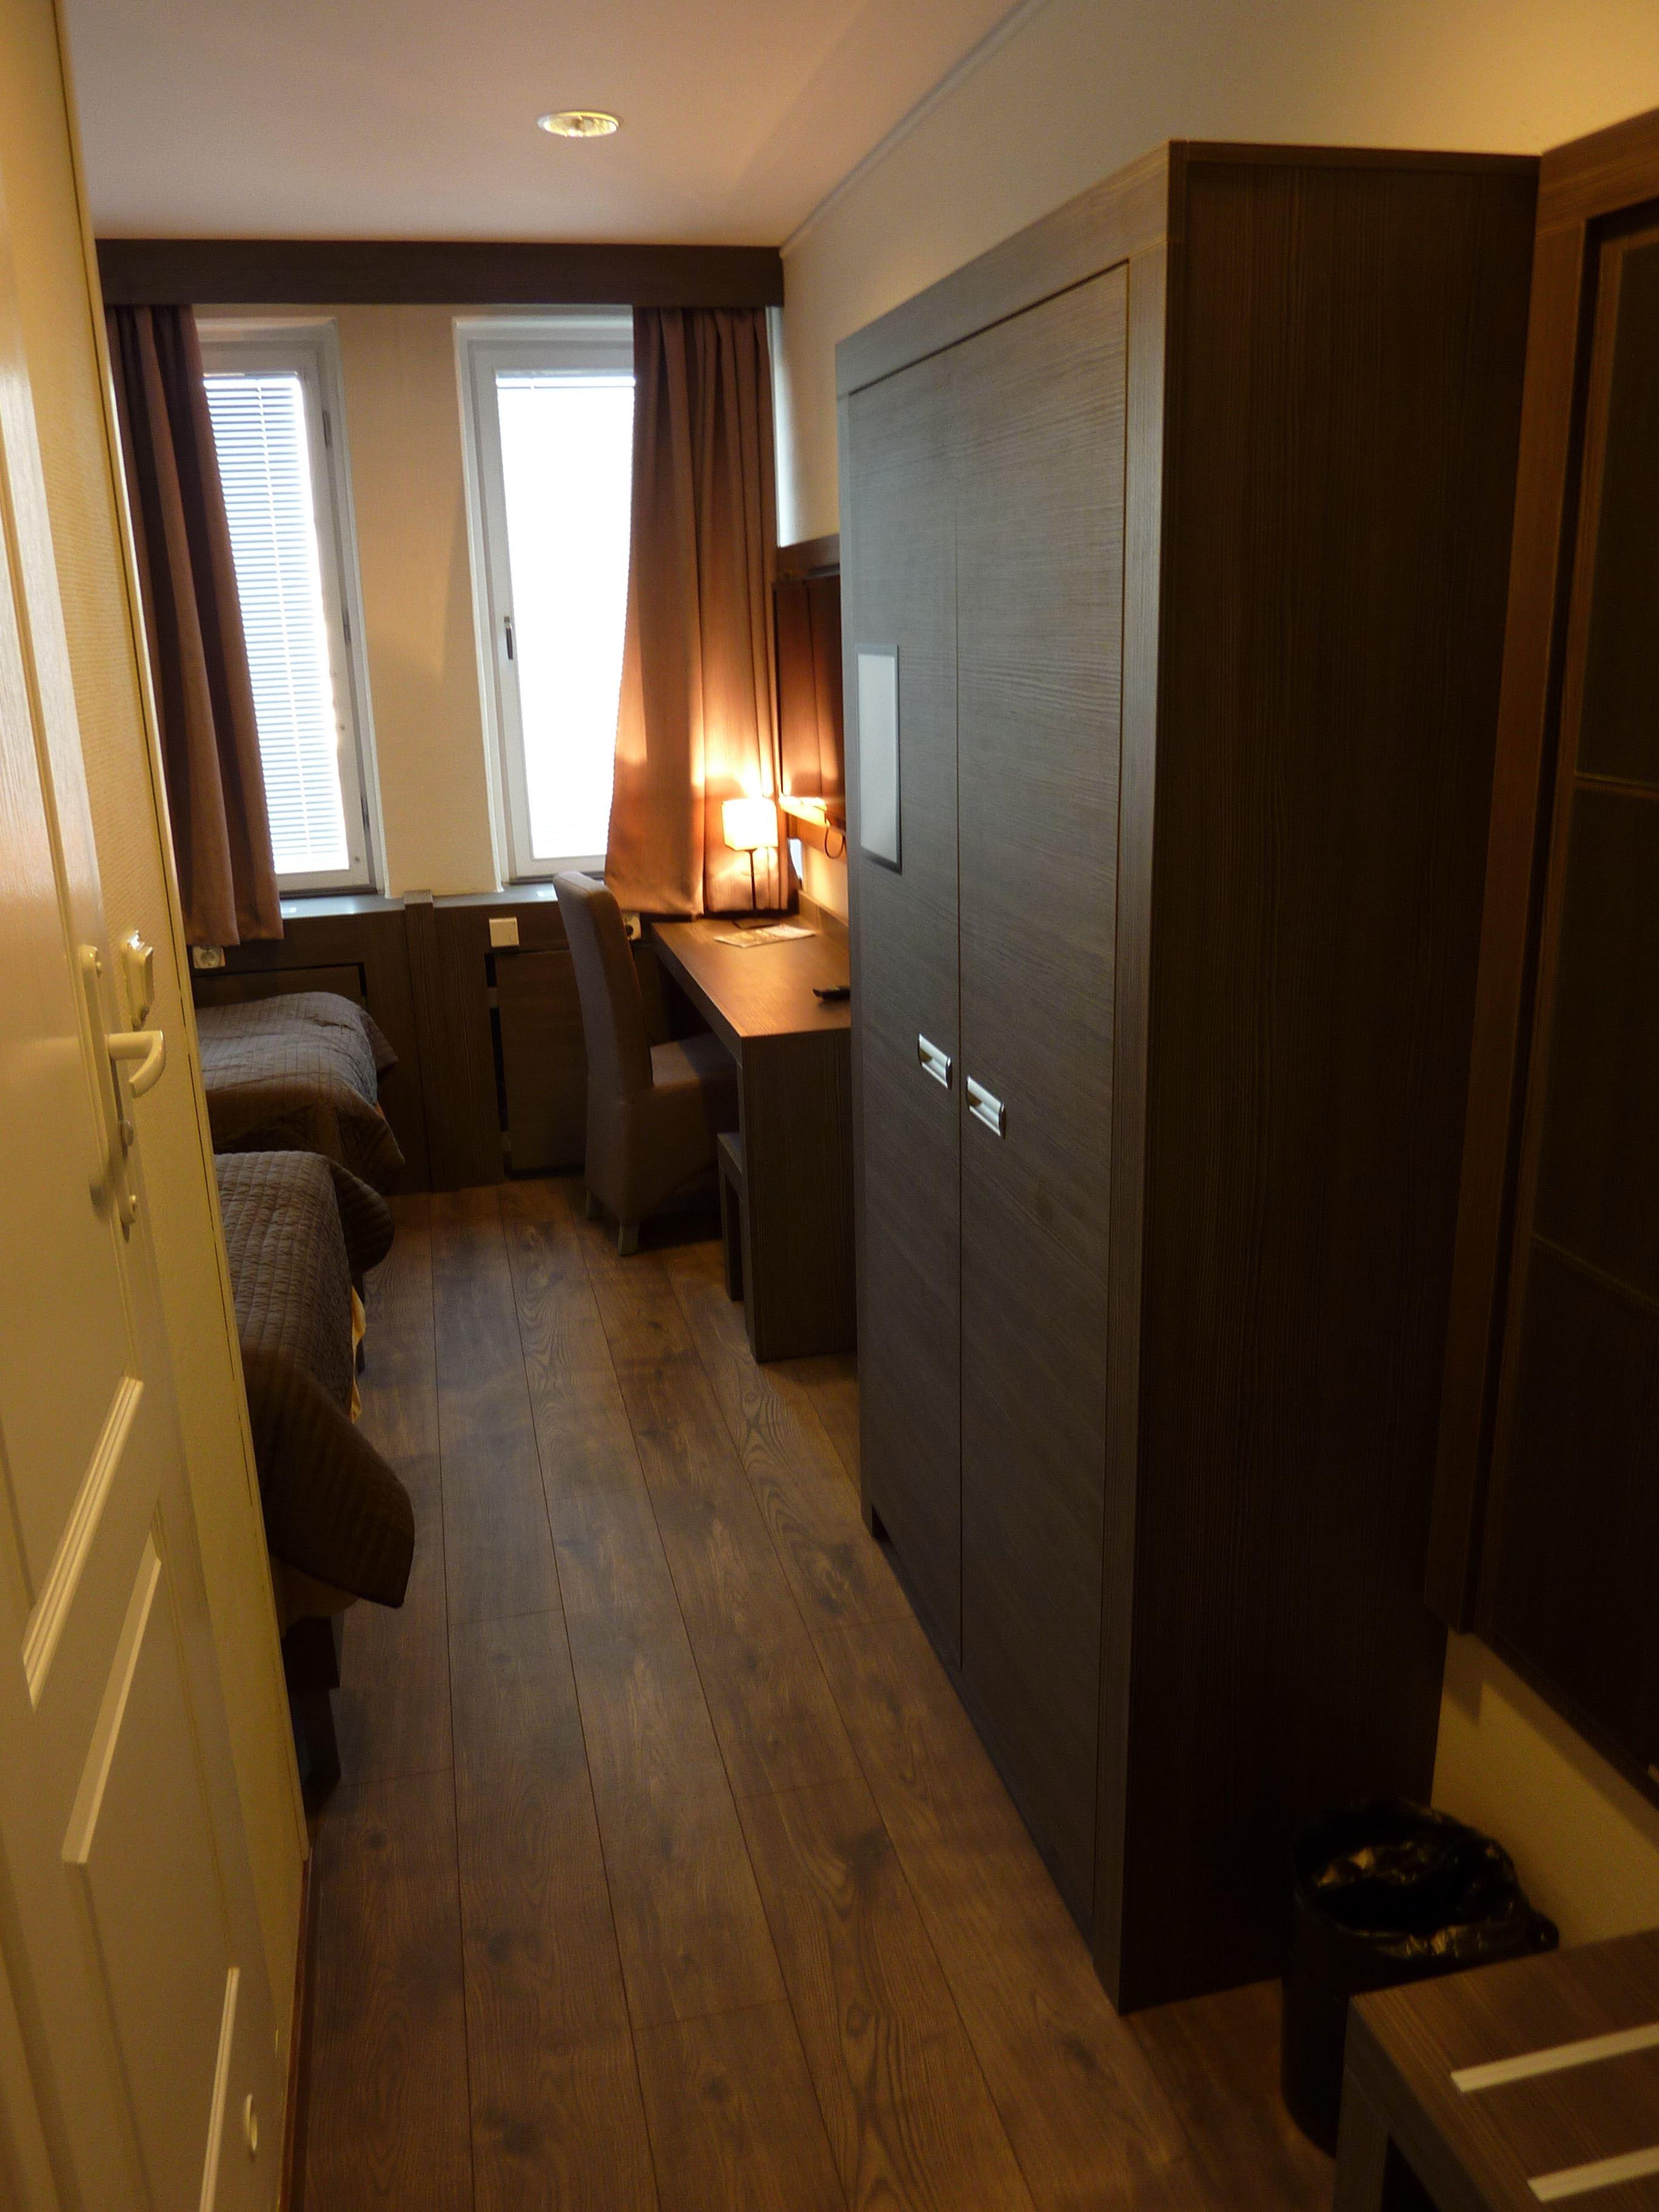 Brunnby hotel